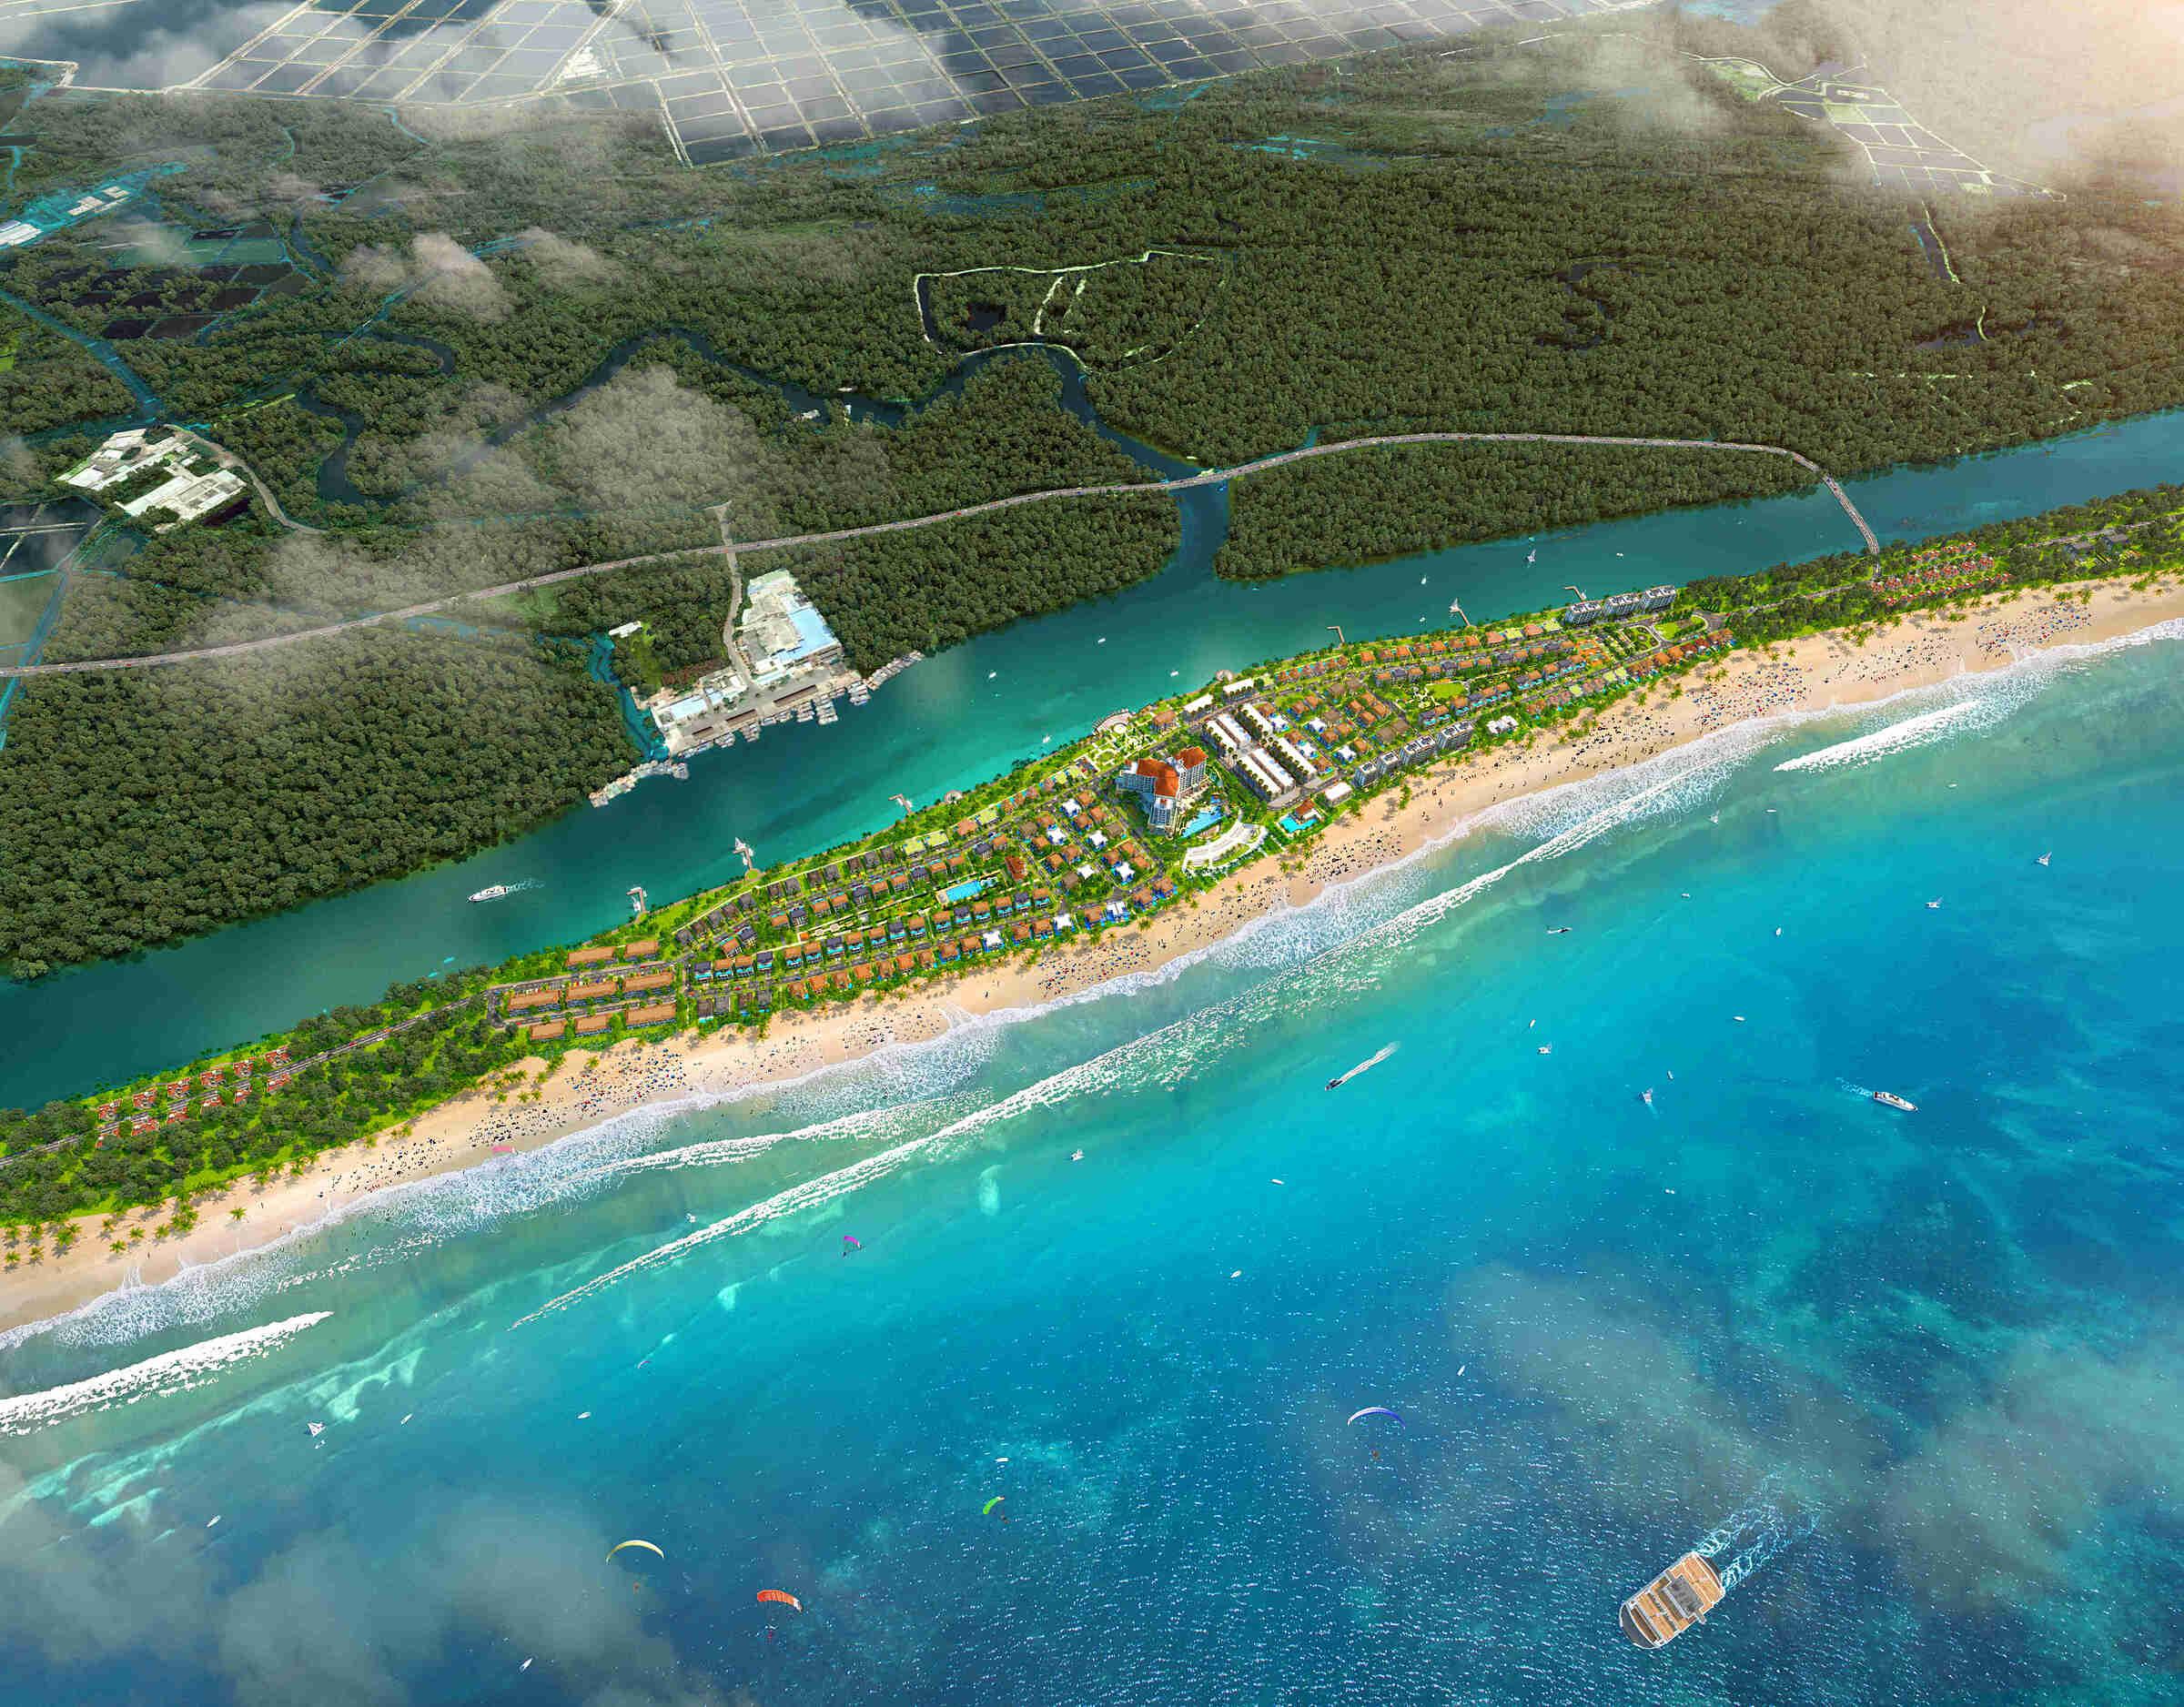 Habana Island có địa thế cực kỳ hiếm tựa như một ốc đảo riêng tư và tách biệt